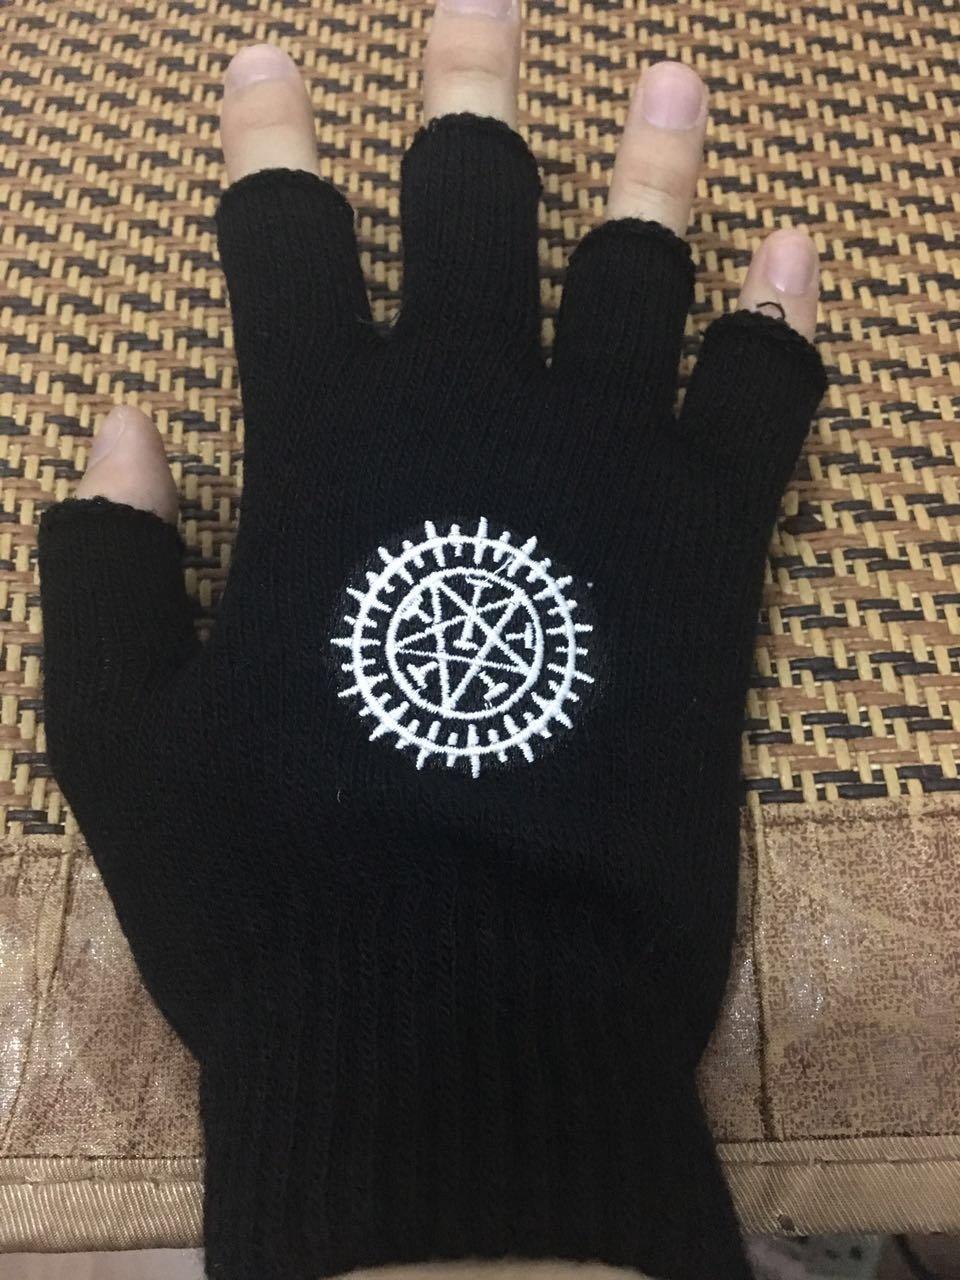 Anime Black Butler Gloves